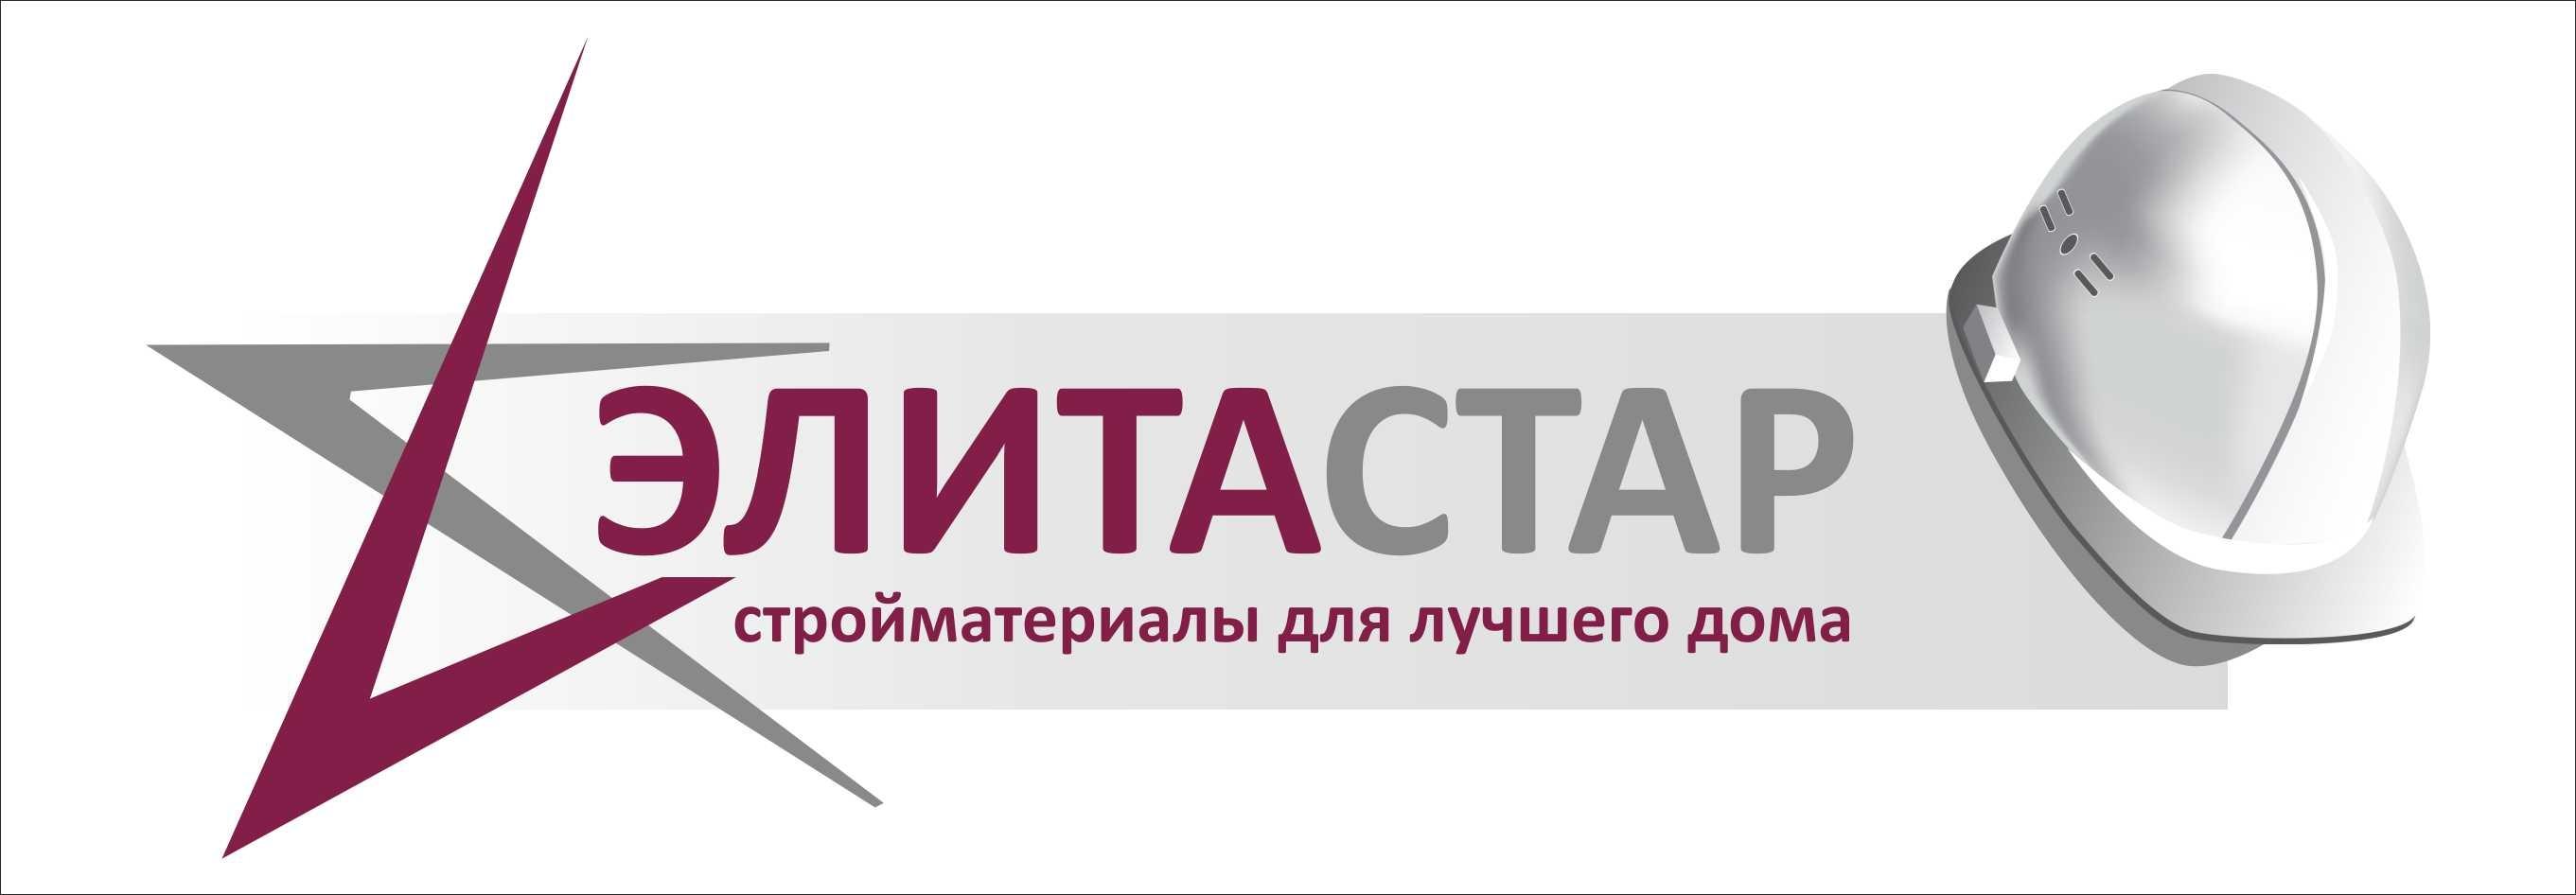 Элитастар ООО